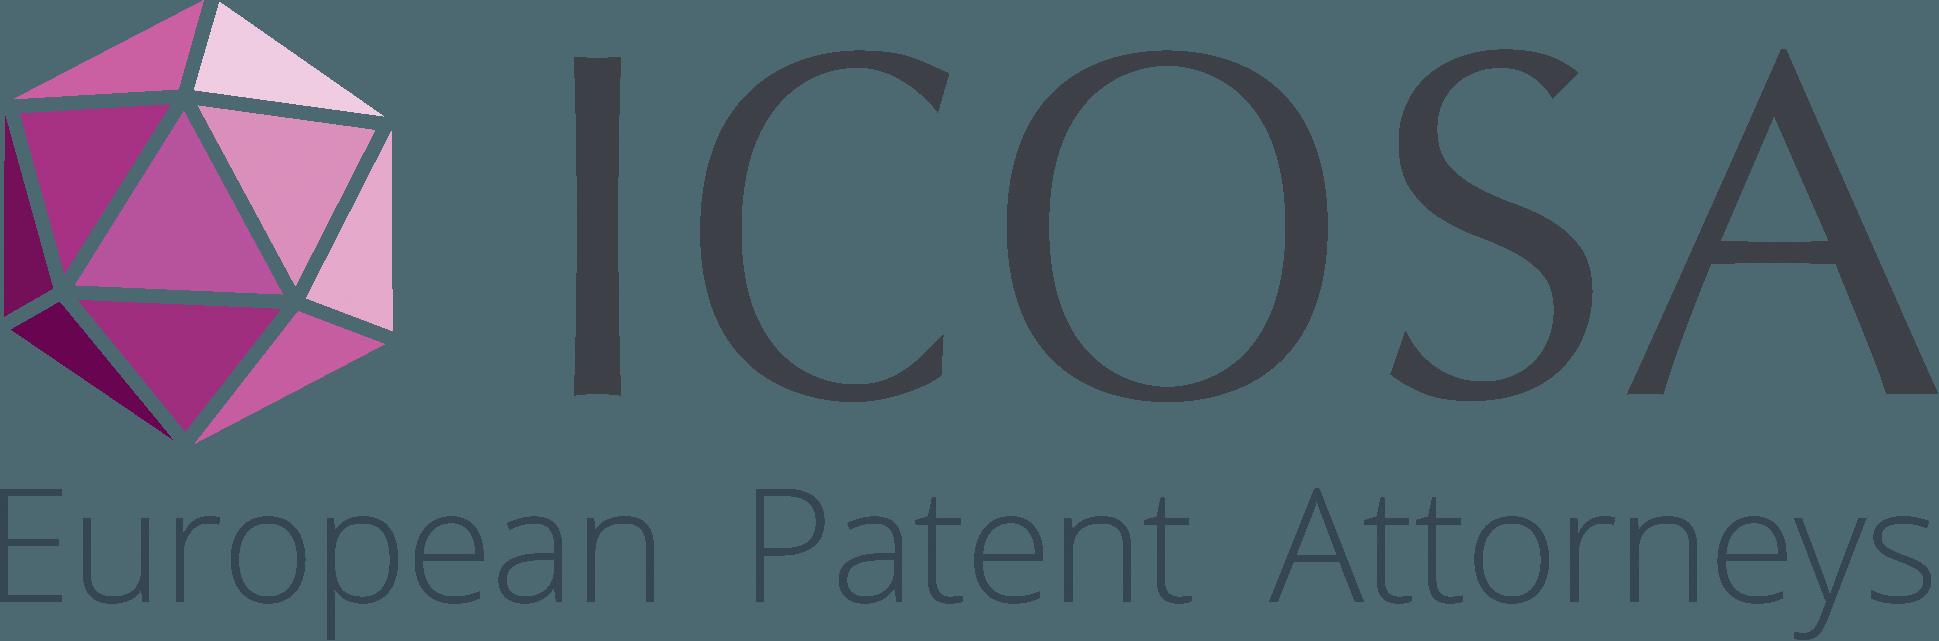 Logo-Icosa-2017_RVB_8b